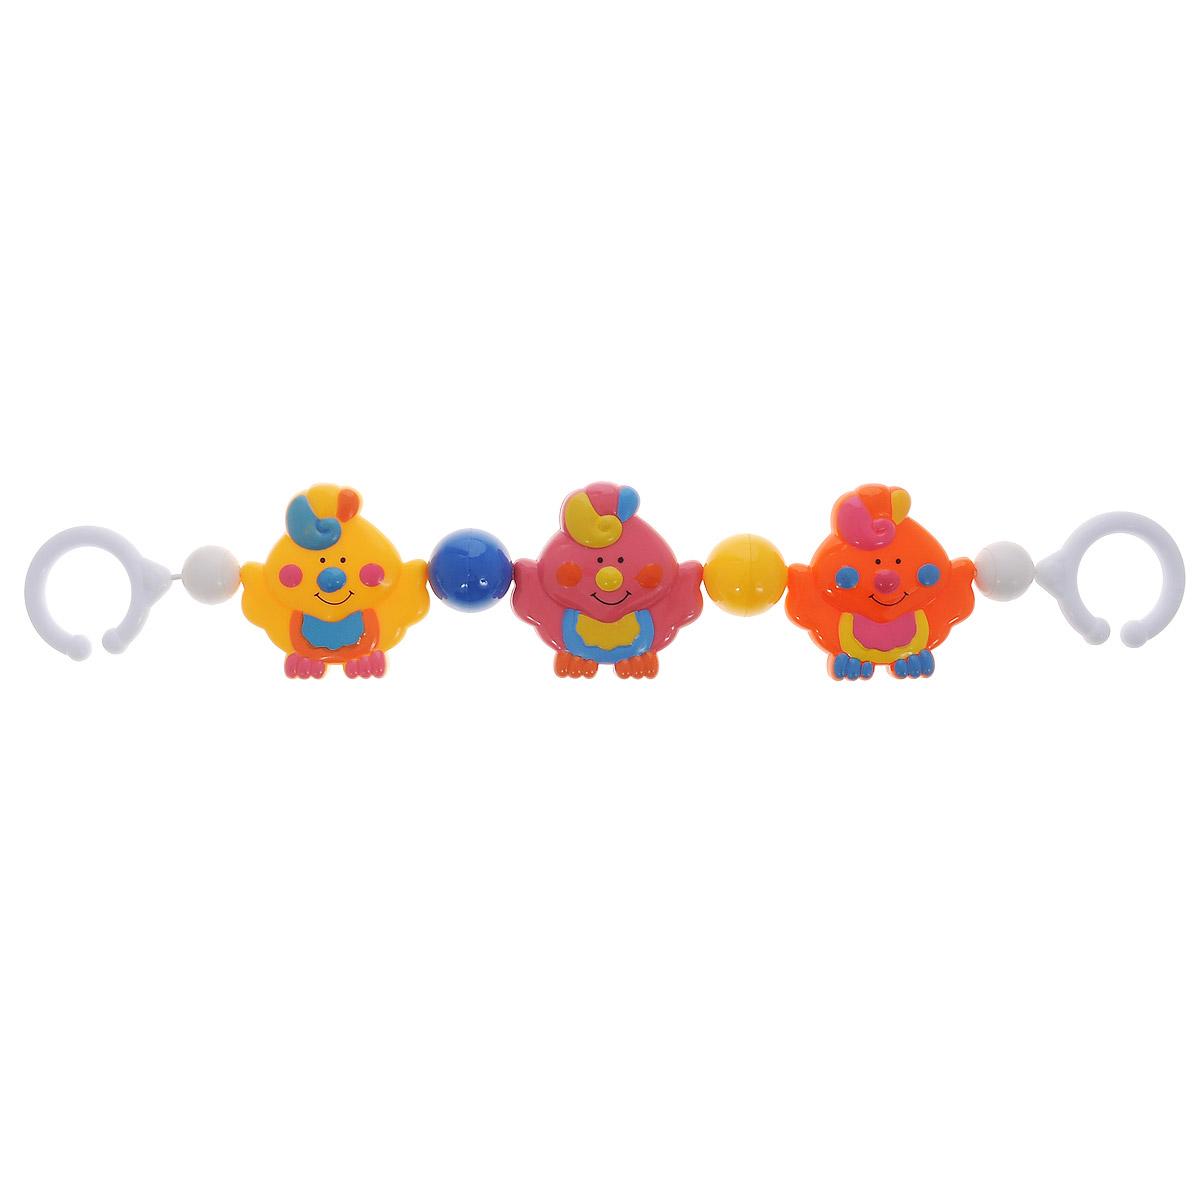 Canpol Babies Погремушка-подвеска на коляску Птички2/161_птичкиПогремушка-подвеска на коляску Canpol Babies Птички выполнена из безопасного качественного пластика ярких цветов. Красочная погремушка крепится на коляску и делает ежедневные прогулки более интересными для малыша. Разнообразные формы, цвета и звуки стимулируют развитие крохи. Фигурки в виде забавных птичек легко хватать маленькими пальчиками, что способствует развитию мелкой моторики ребенка.